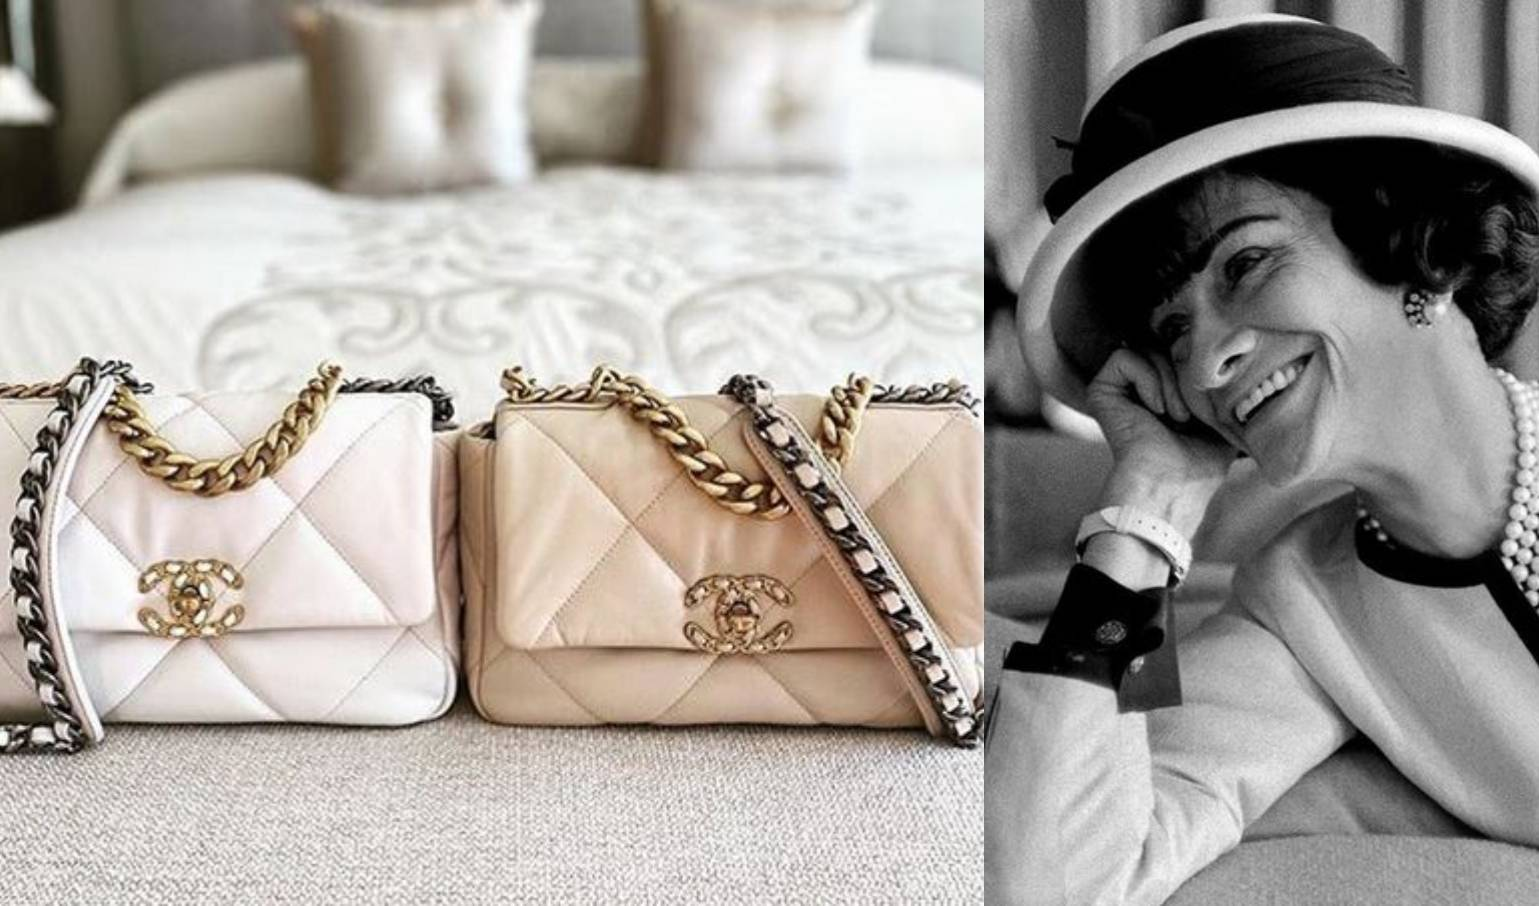 Izložba Modni manifest o Coco Chanel najopsežnija je do sad